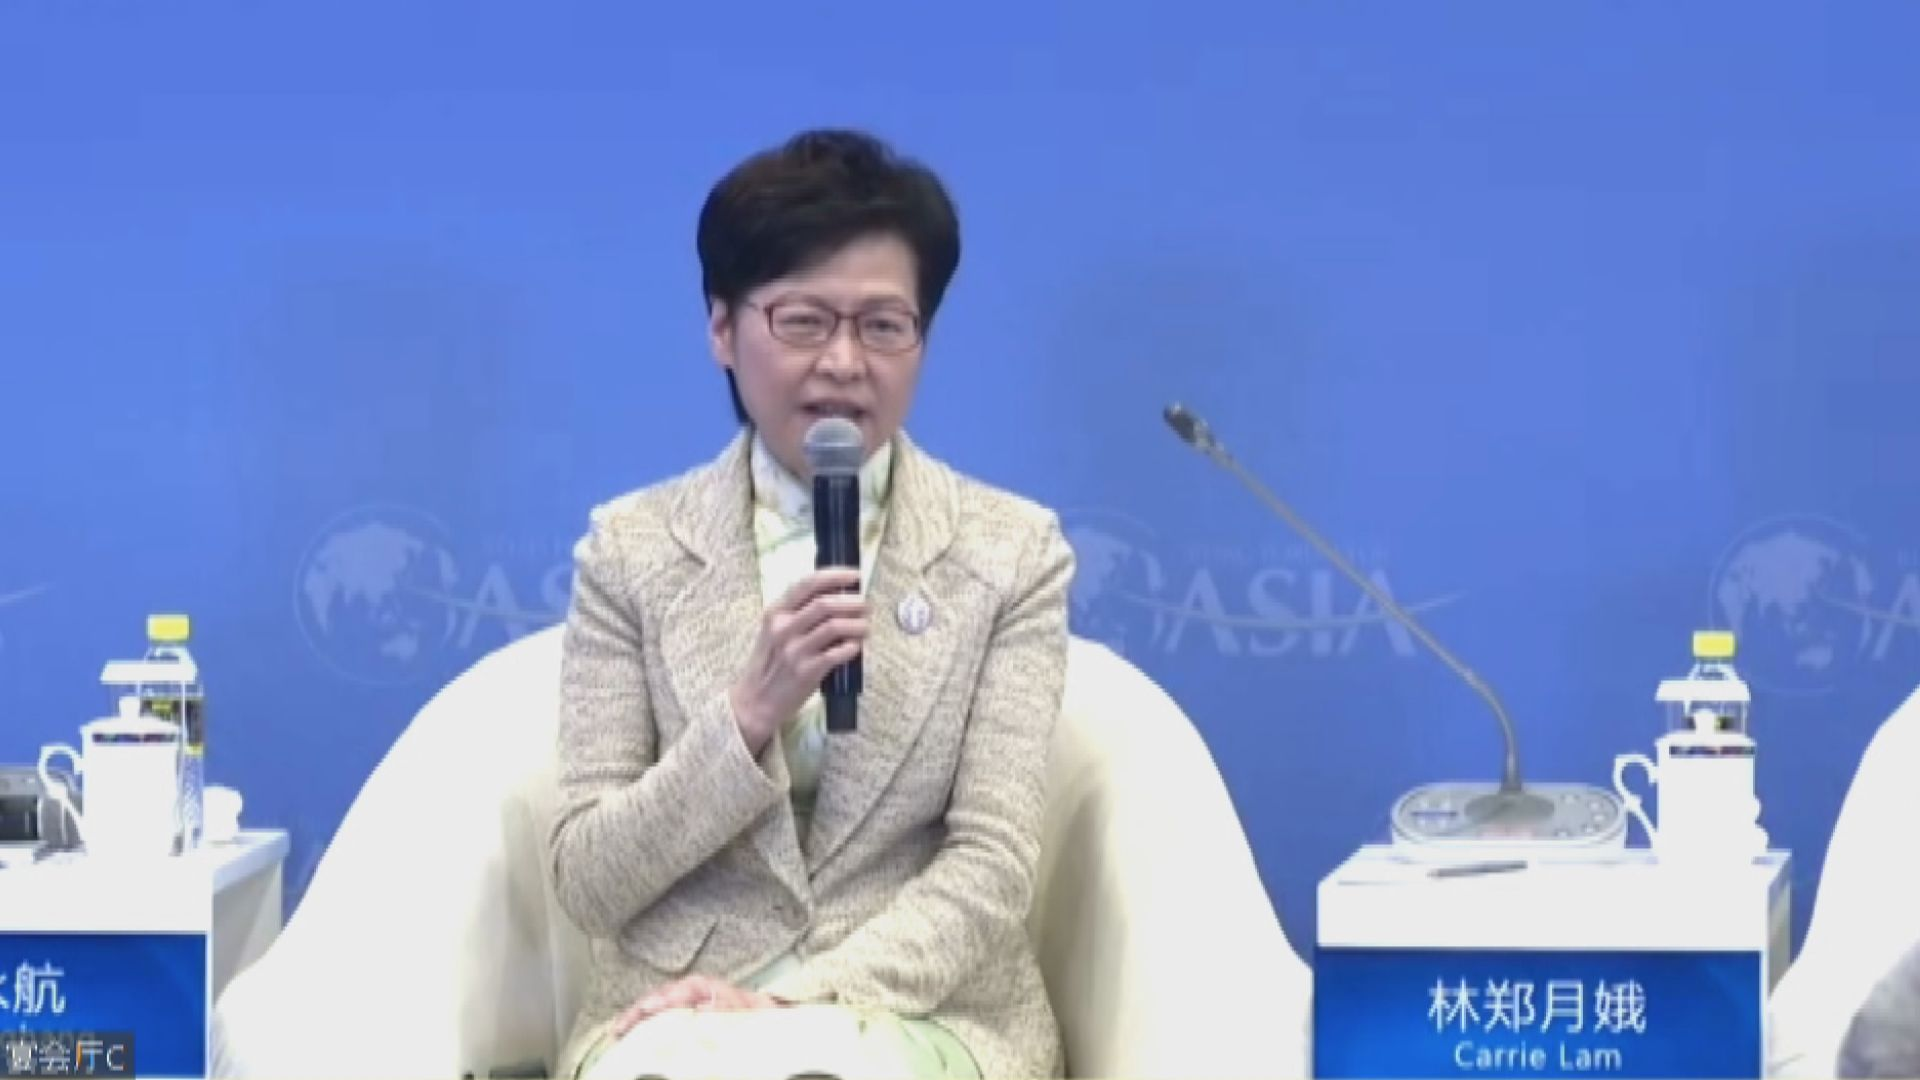 林鄭月娥:有西方國家對中國人不友善 將吸引人才到大灣區